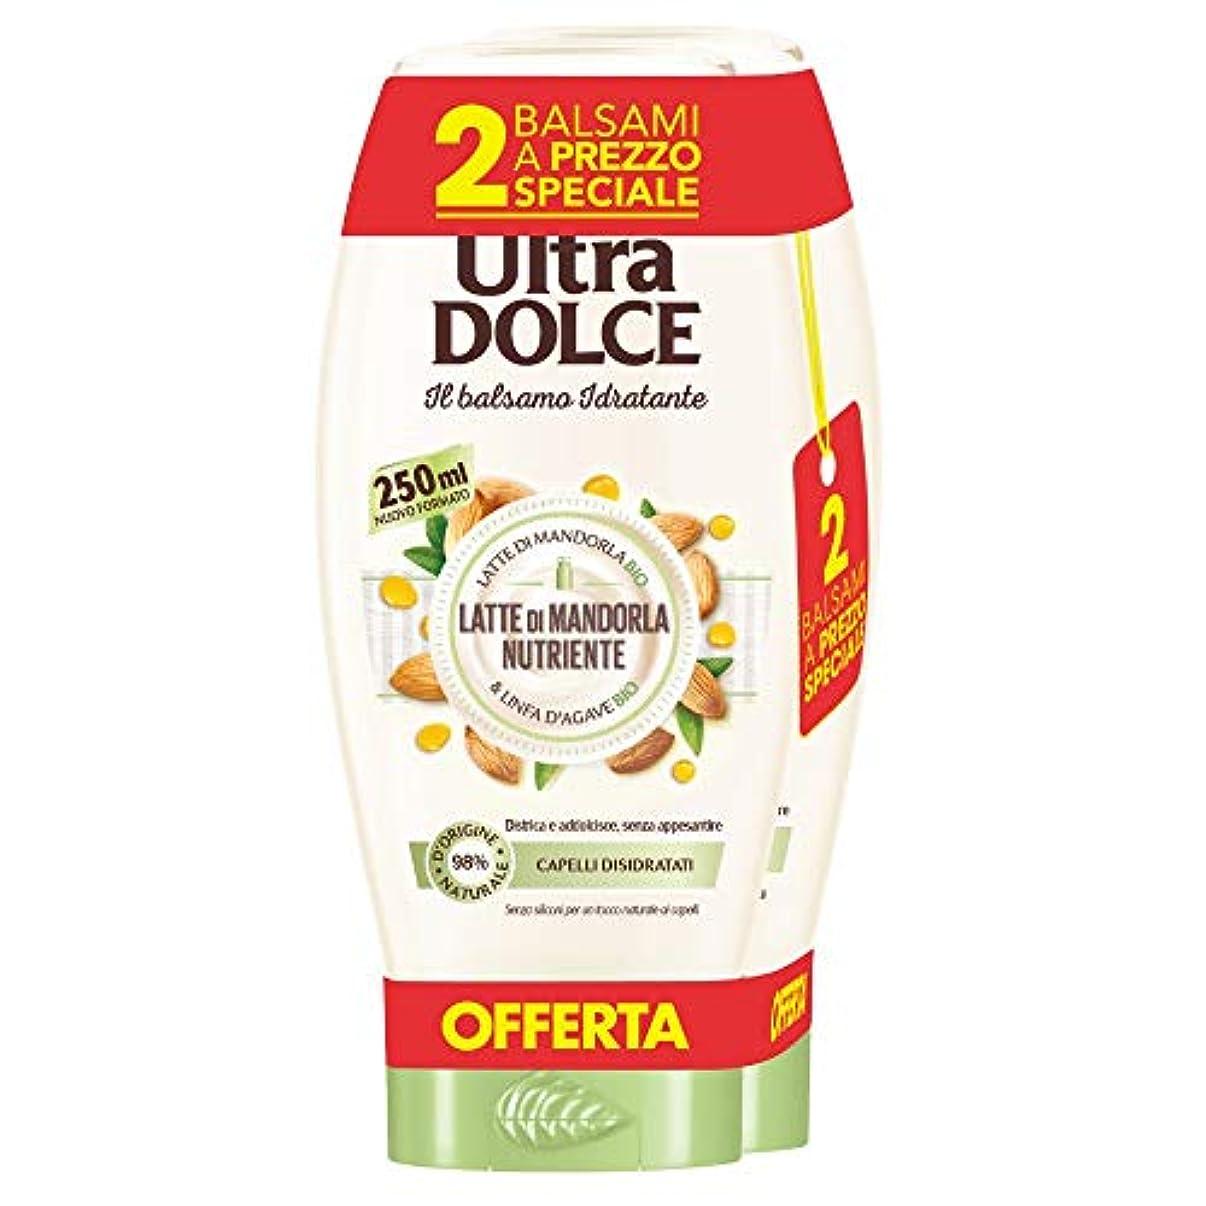 パークスチュワードバクテリアGarnier Ultra Dolce栄養アーモンドミルクバーム - 250ml 4パック